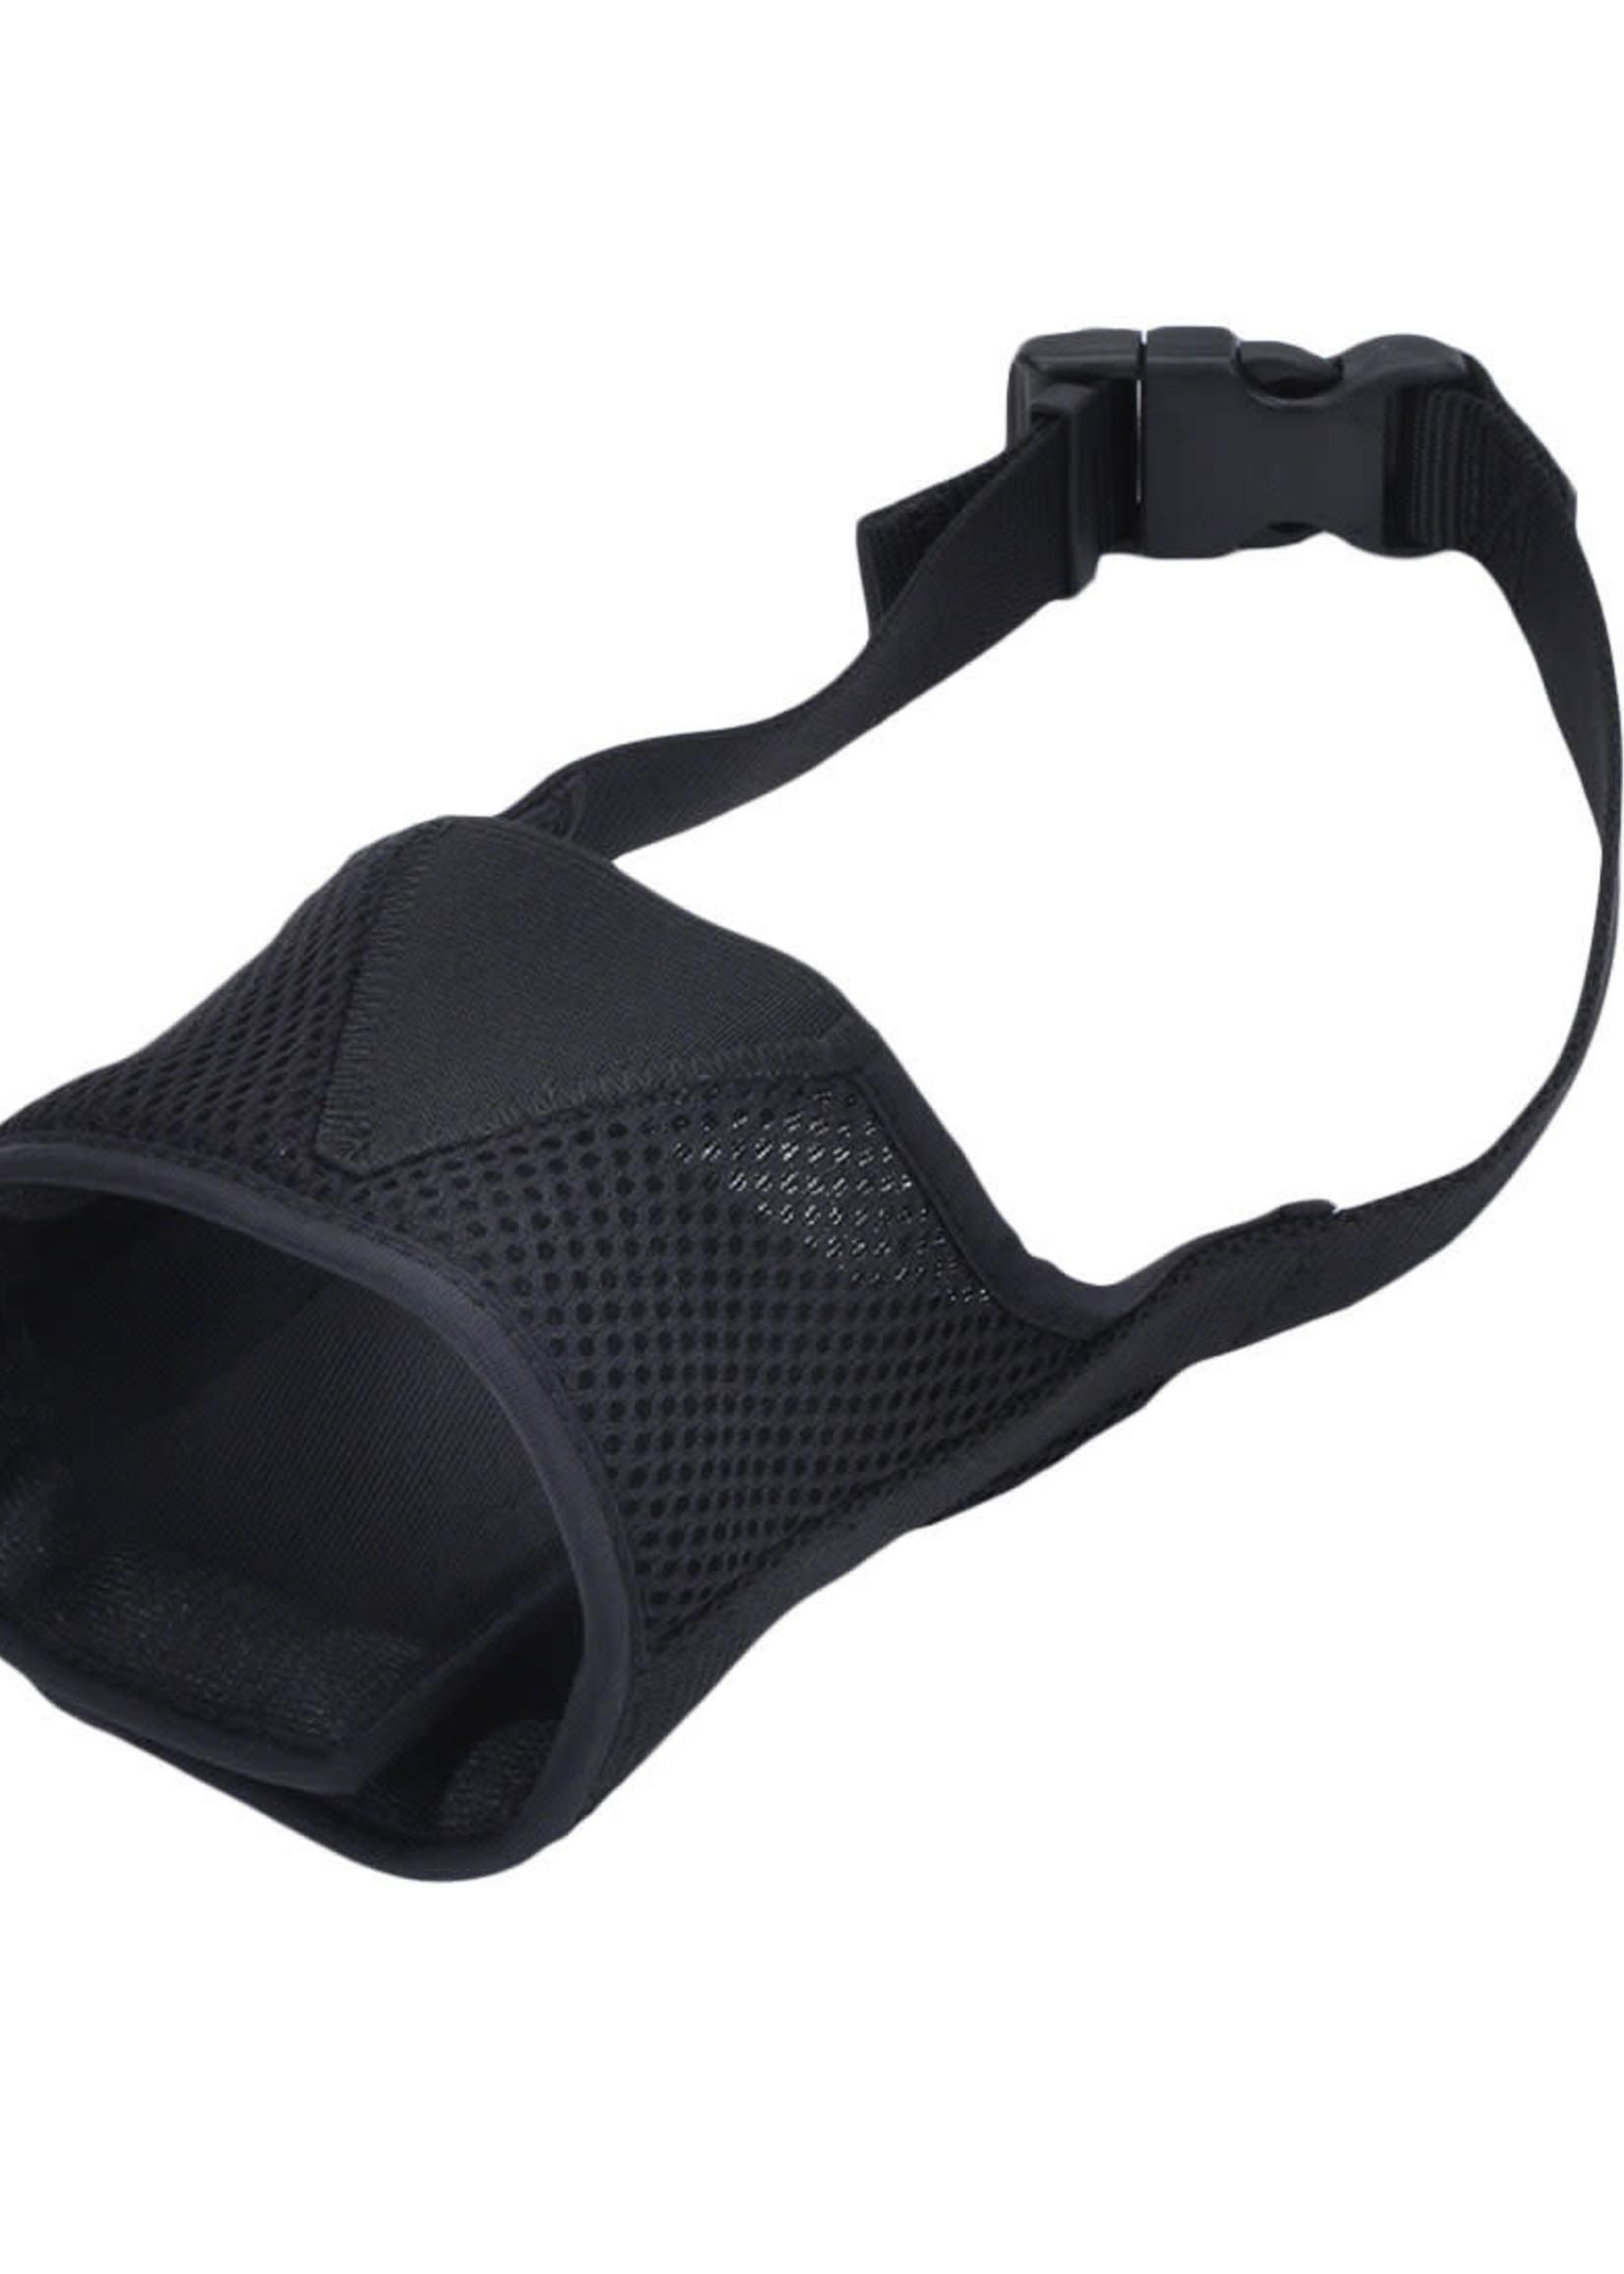 Best Fit® Best Fit Adjustable Comfort Muzzle Large